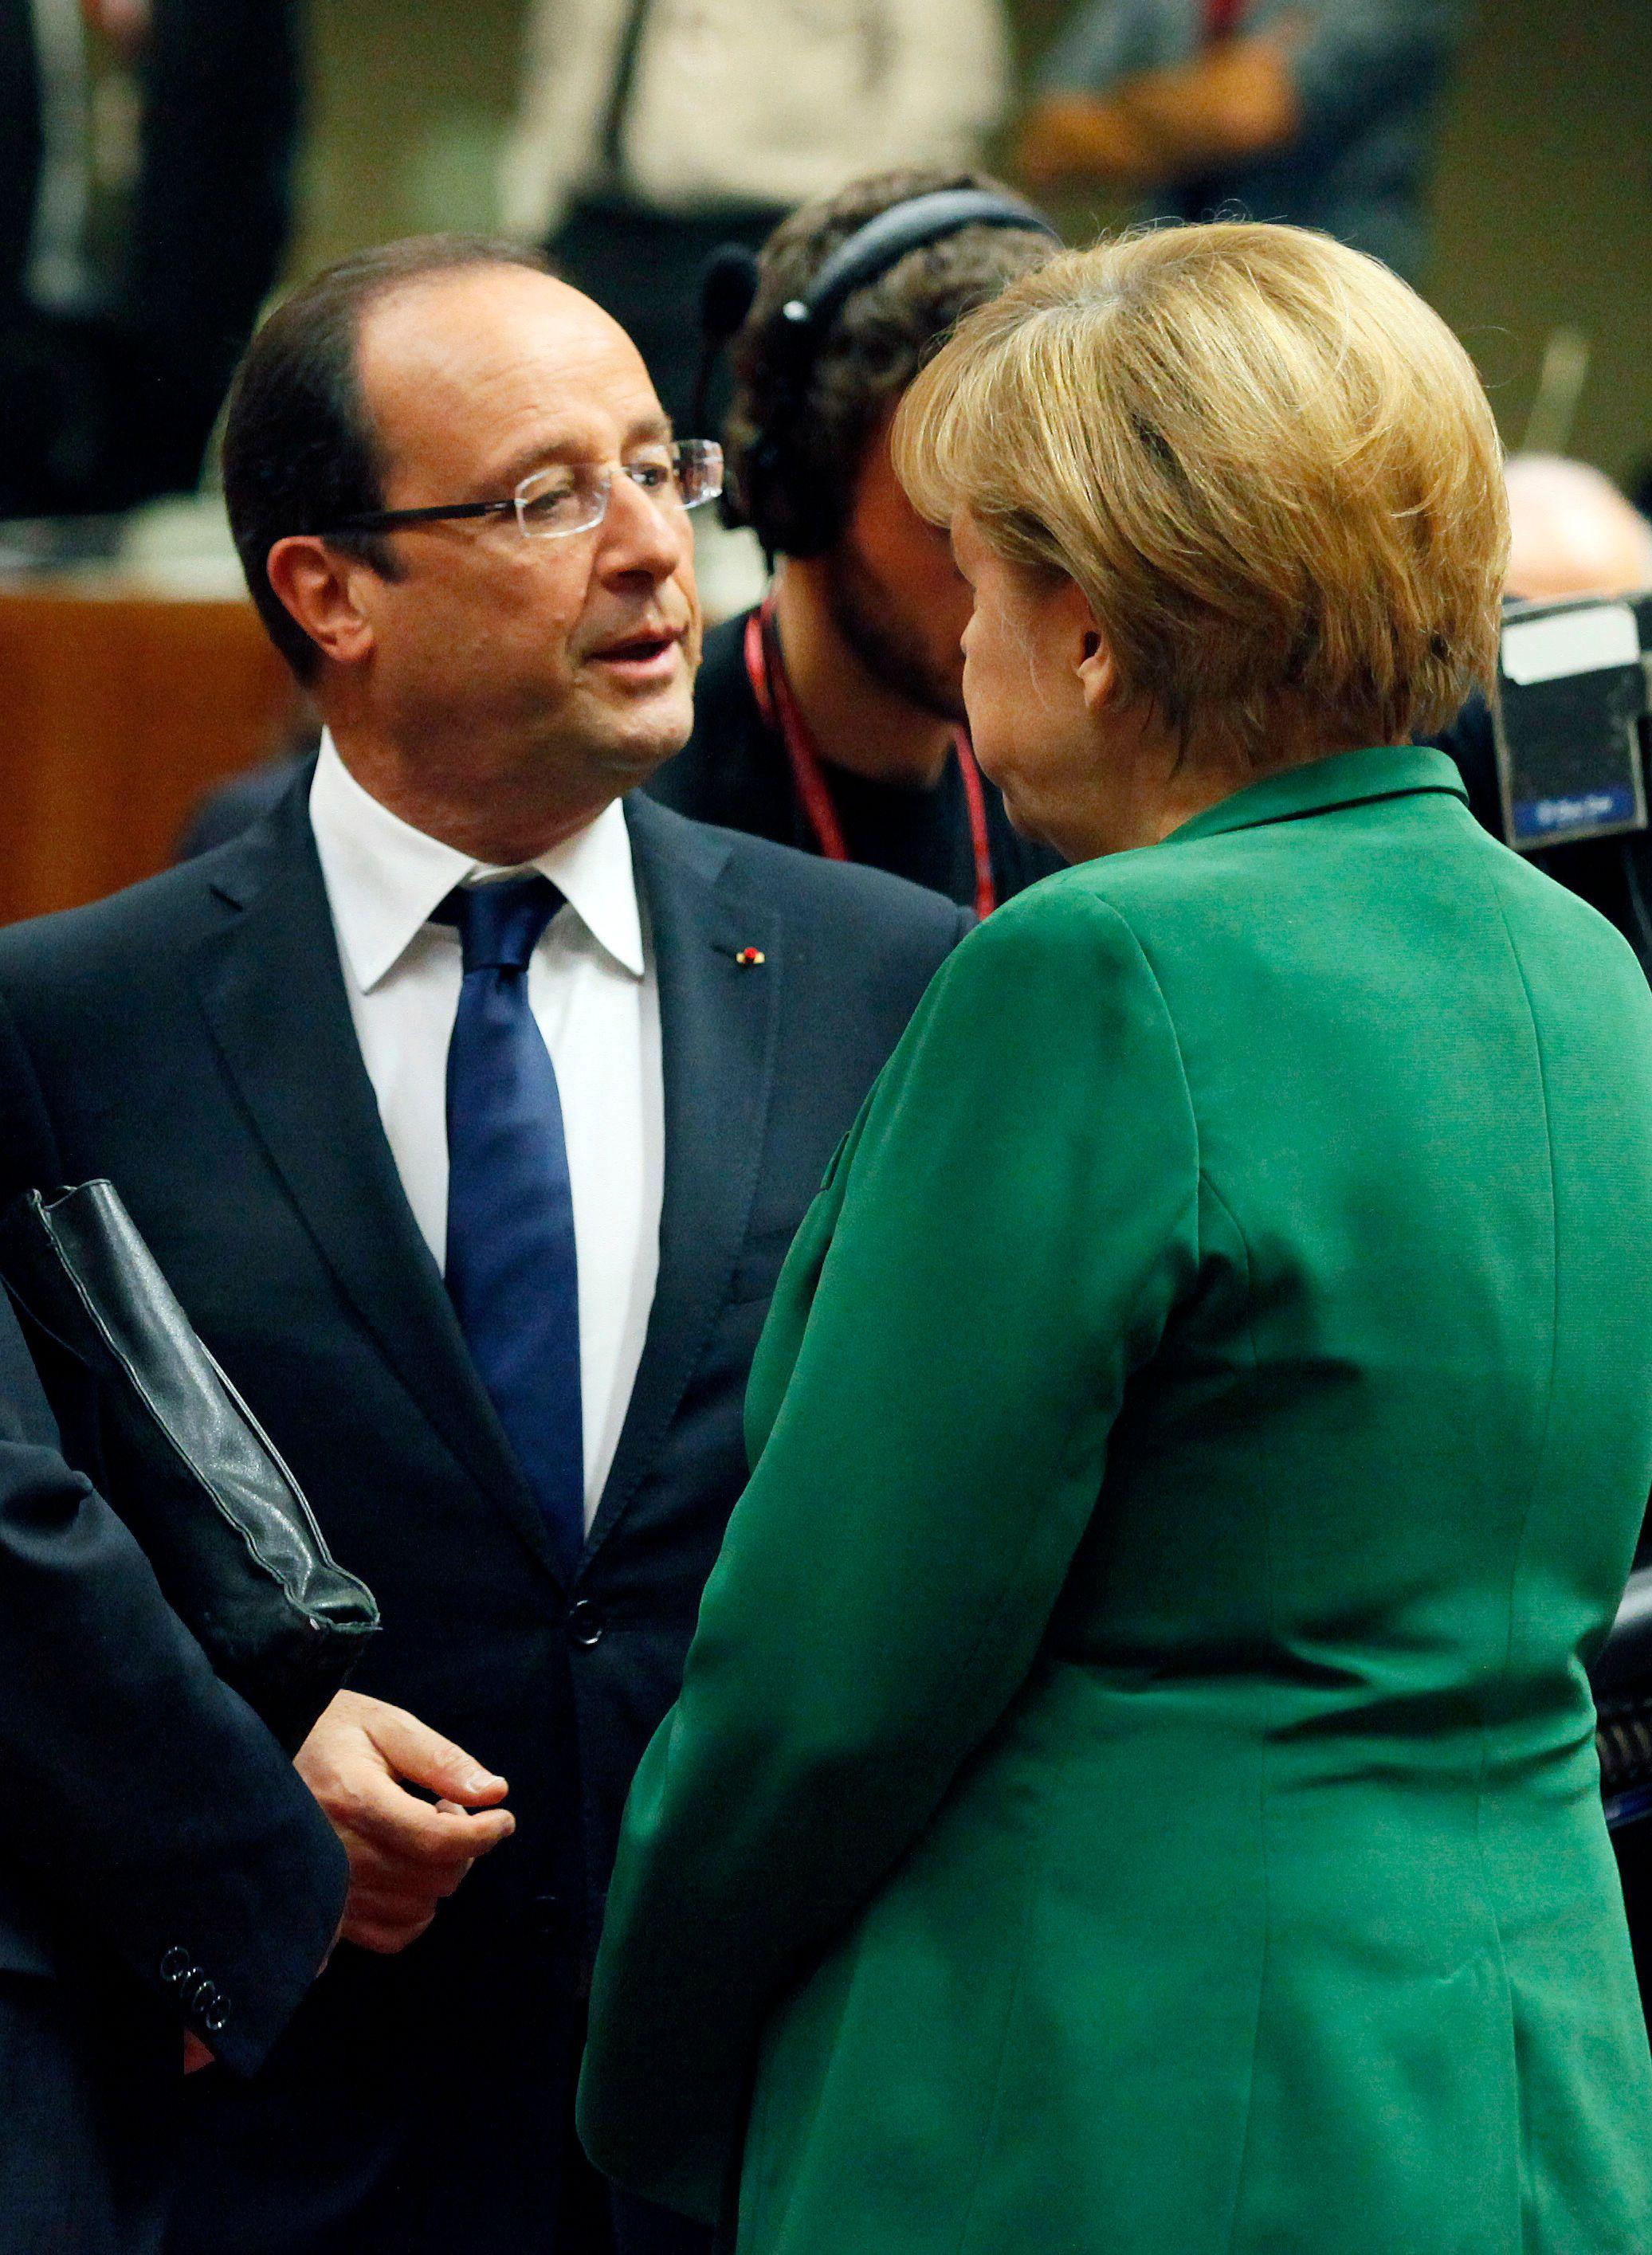 Hollande propose, elle dispose : Angela Merkel assume-t-elle désormais sans faux semblants la domination allemande sur l'Europe?